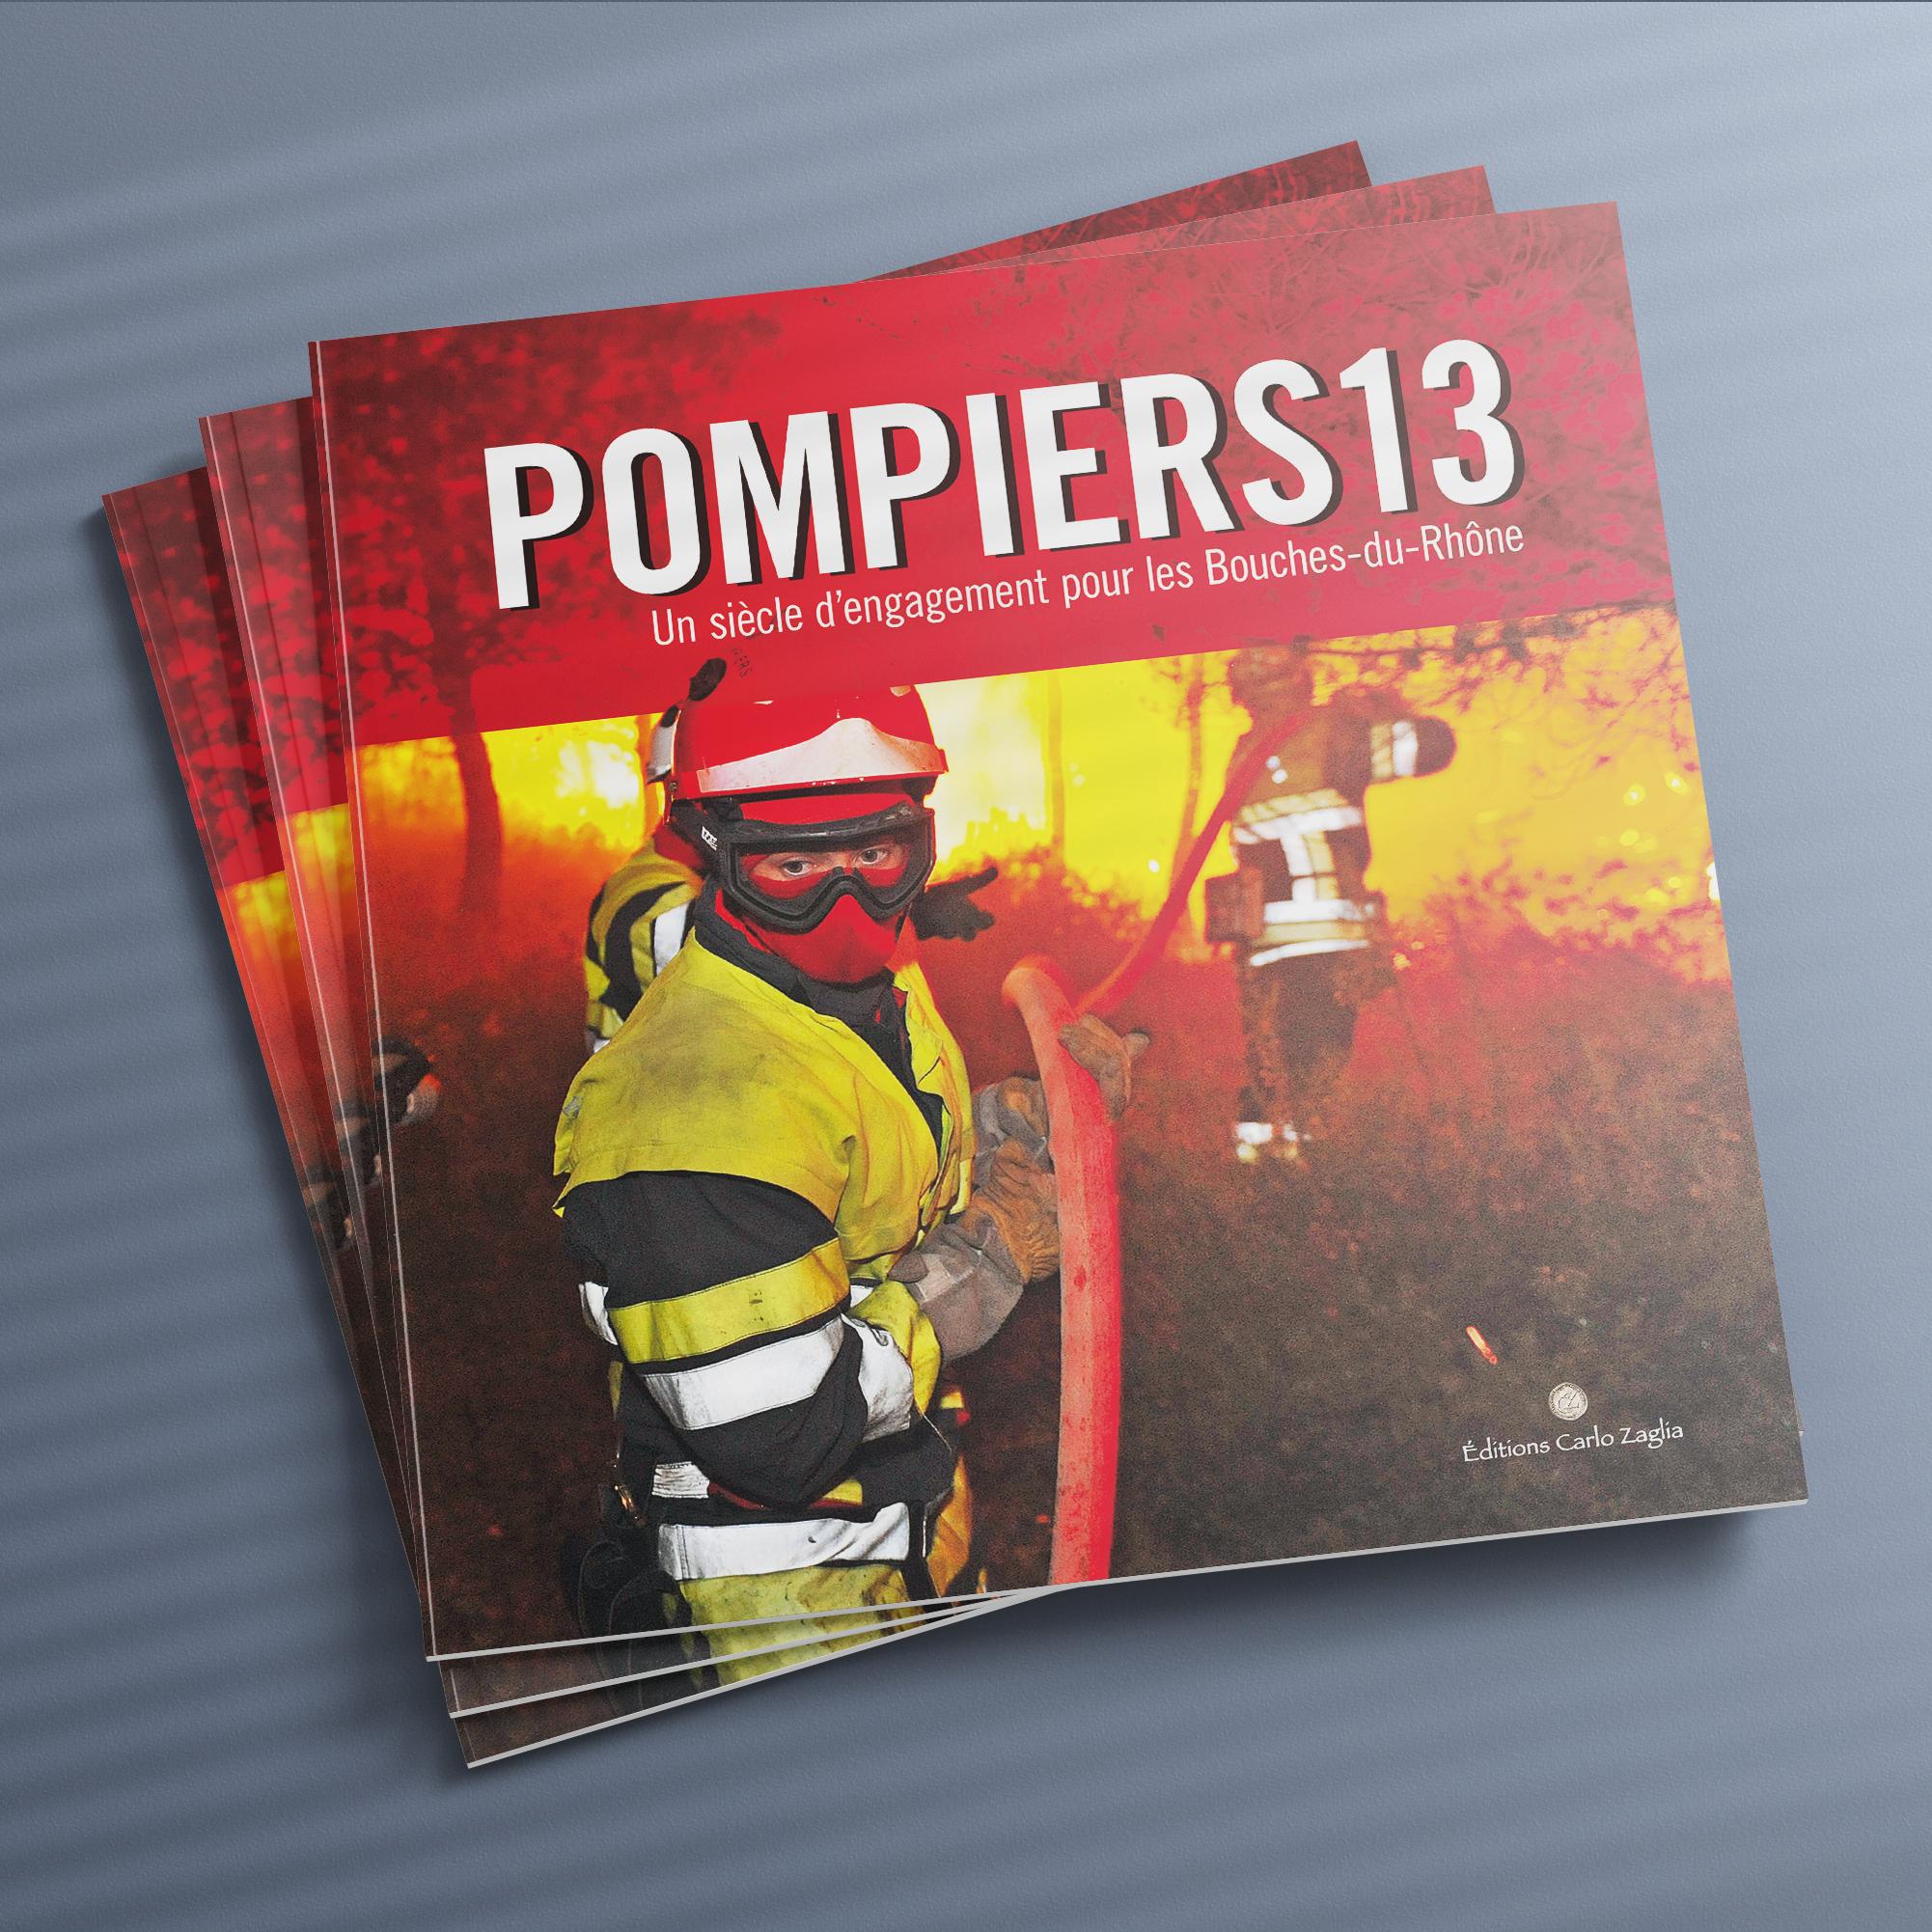 POMPIERS13 Un siècle d'engagement pour les Bouches-du-Rhône